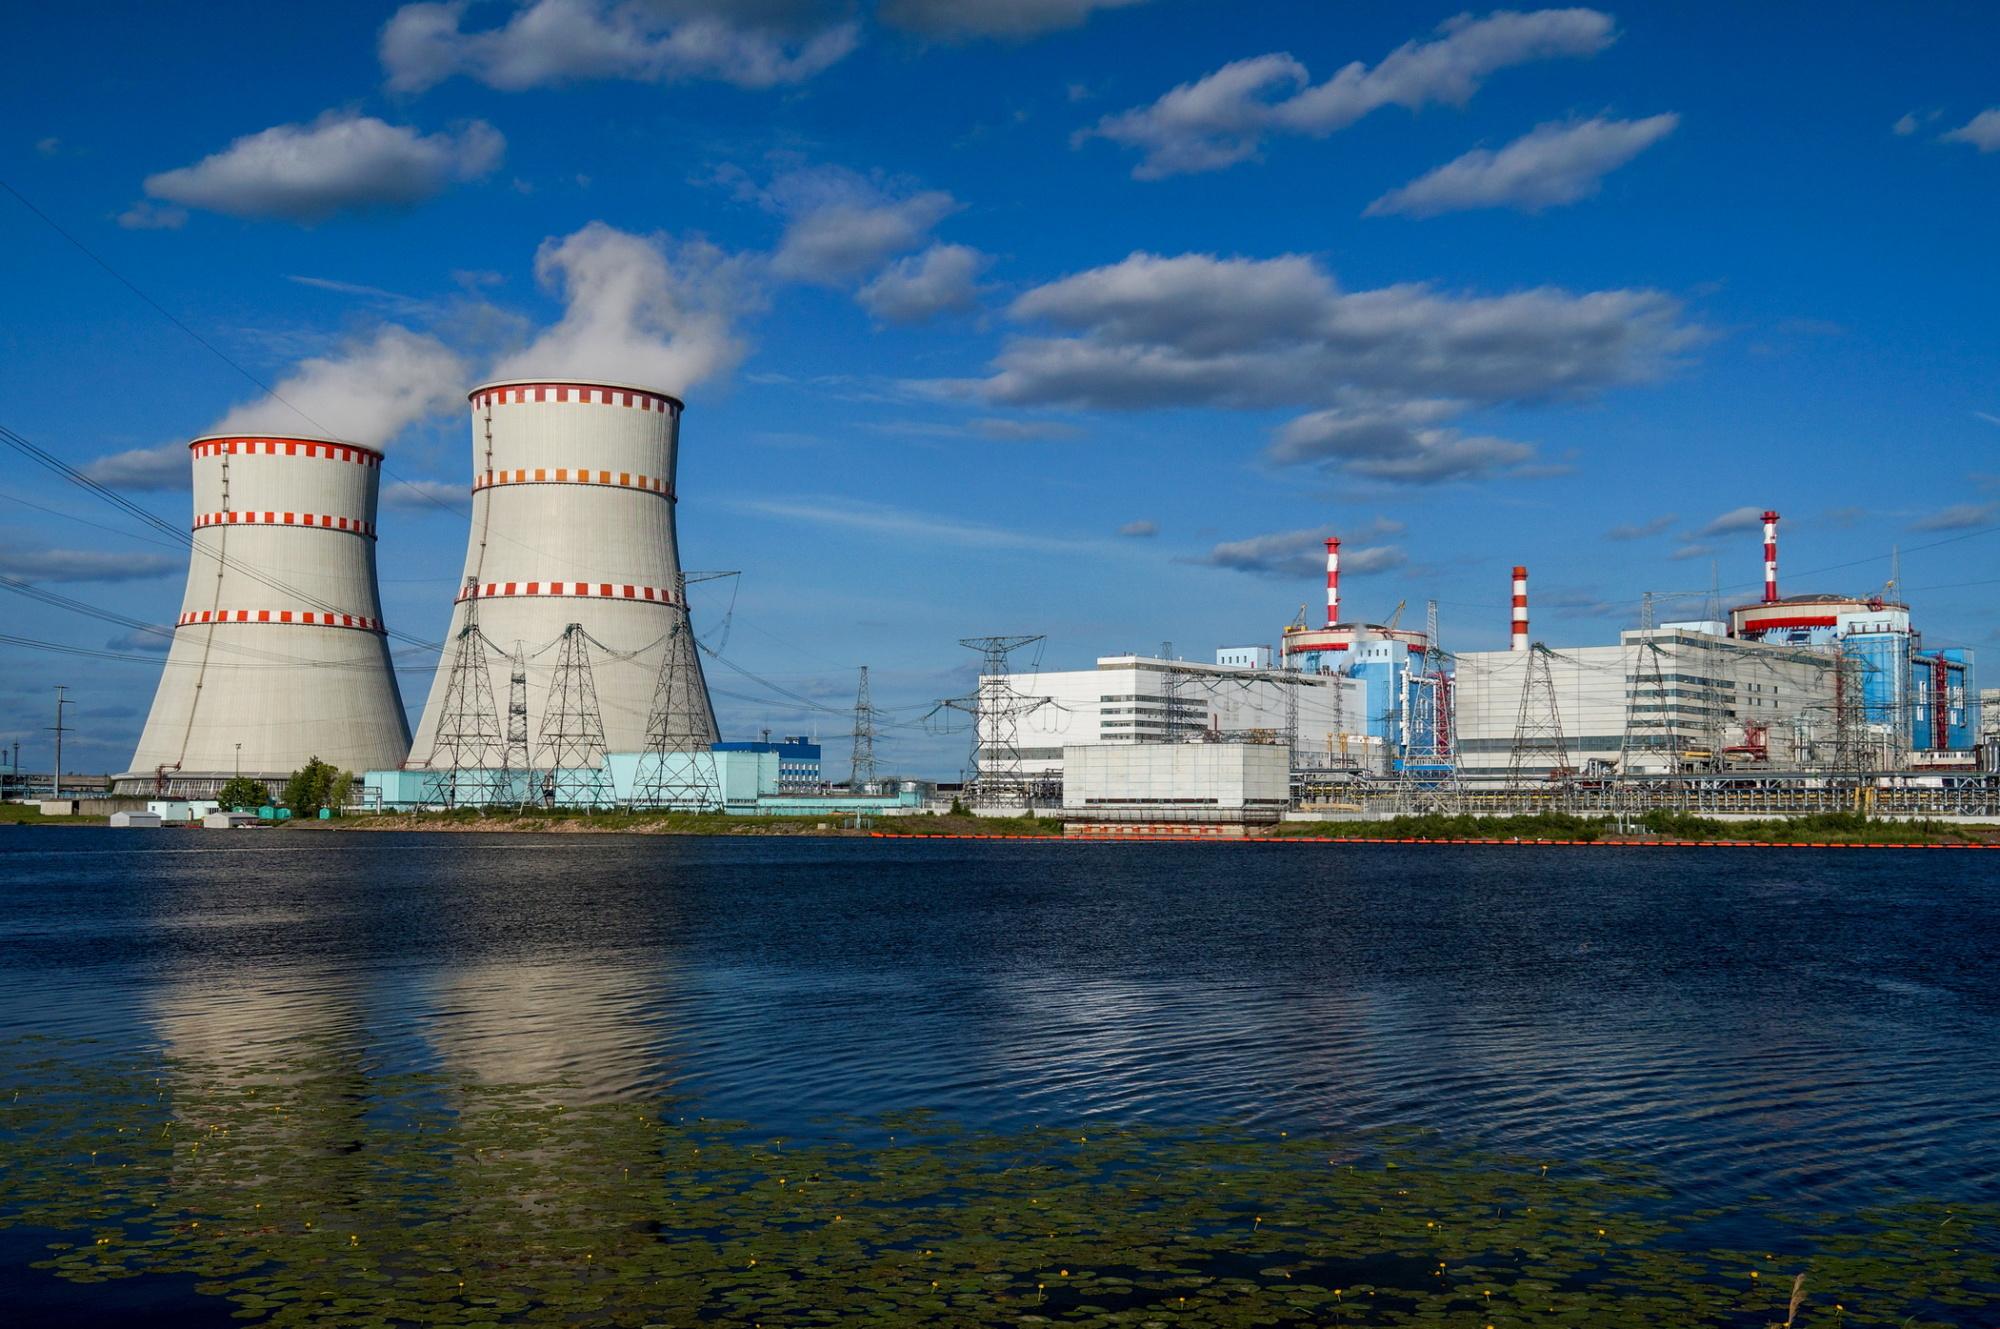 Жители 25 атомных городов поздравят друг друга с 75-летием отрасли в прямом эфире